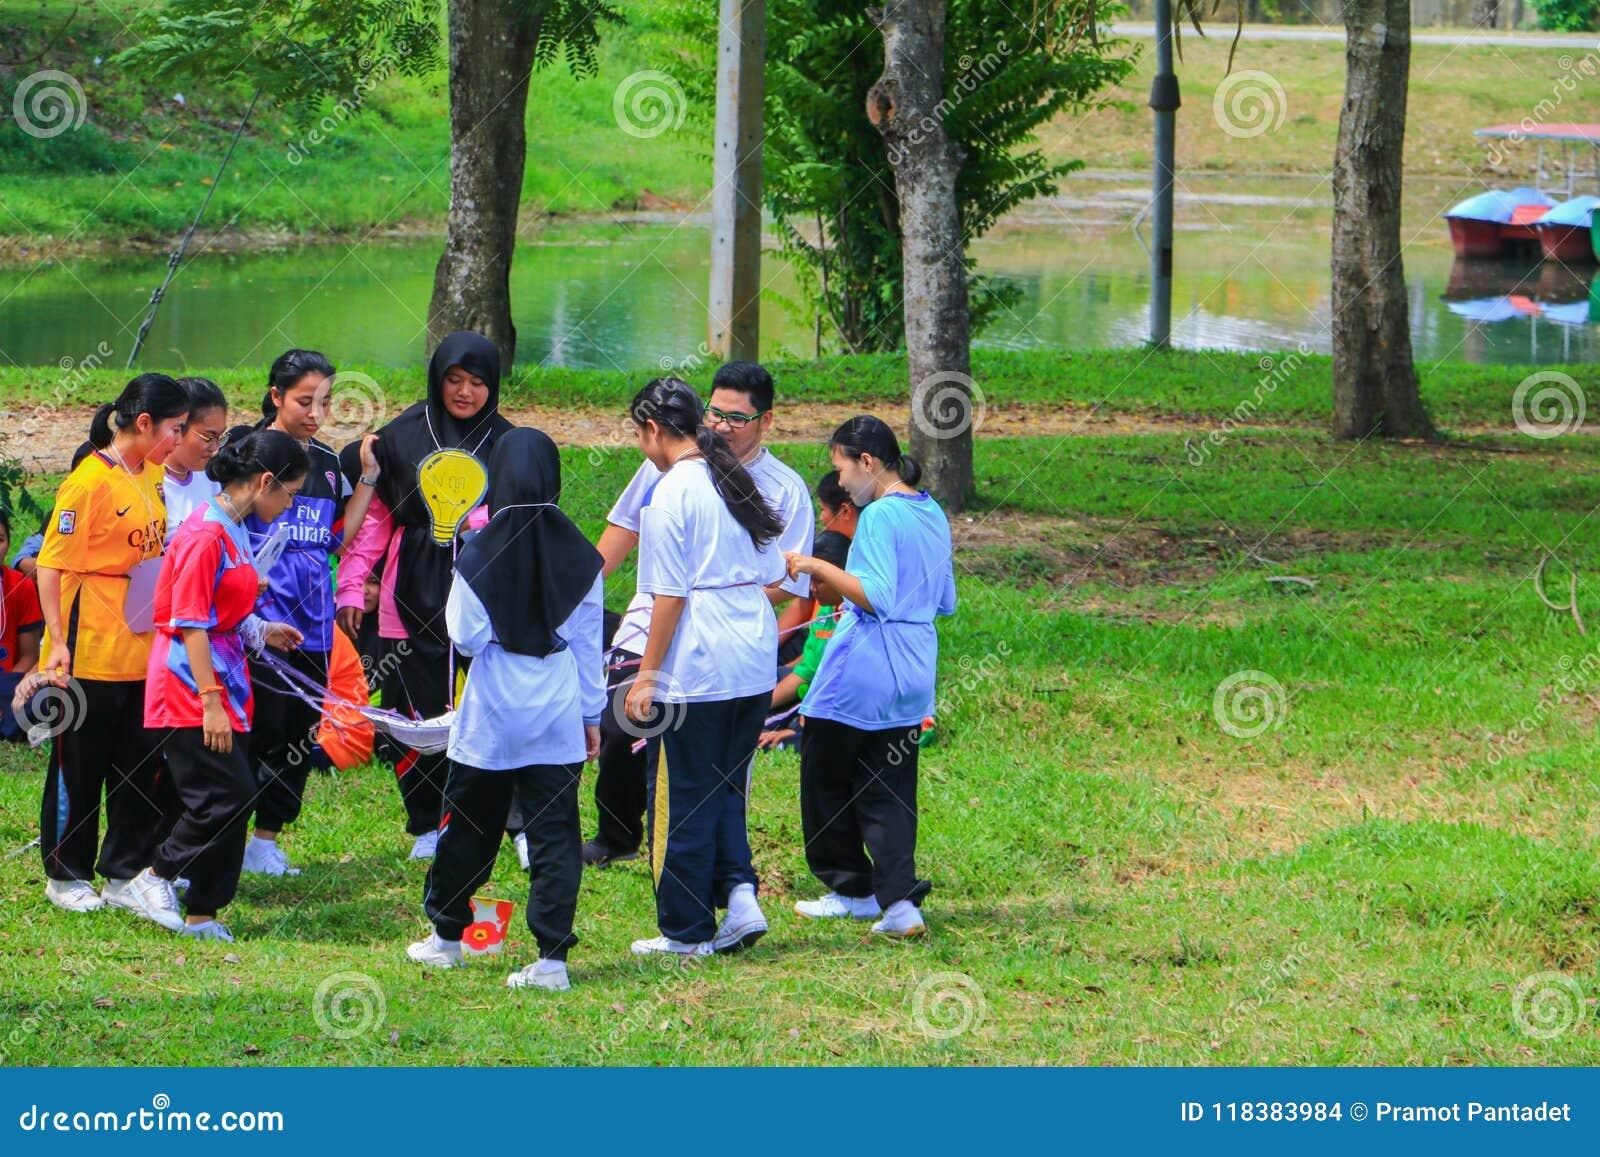 YALA, THAILAND - Juni 6, 2018: De vrijwilligersgebeurtenis van studentenuniversity cleaning prepared voor Milieu in het Openbare